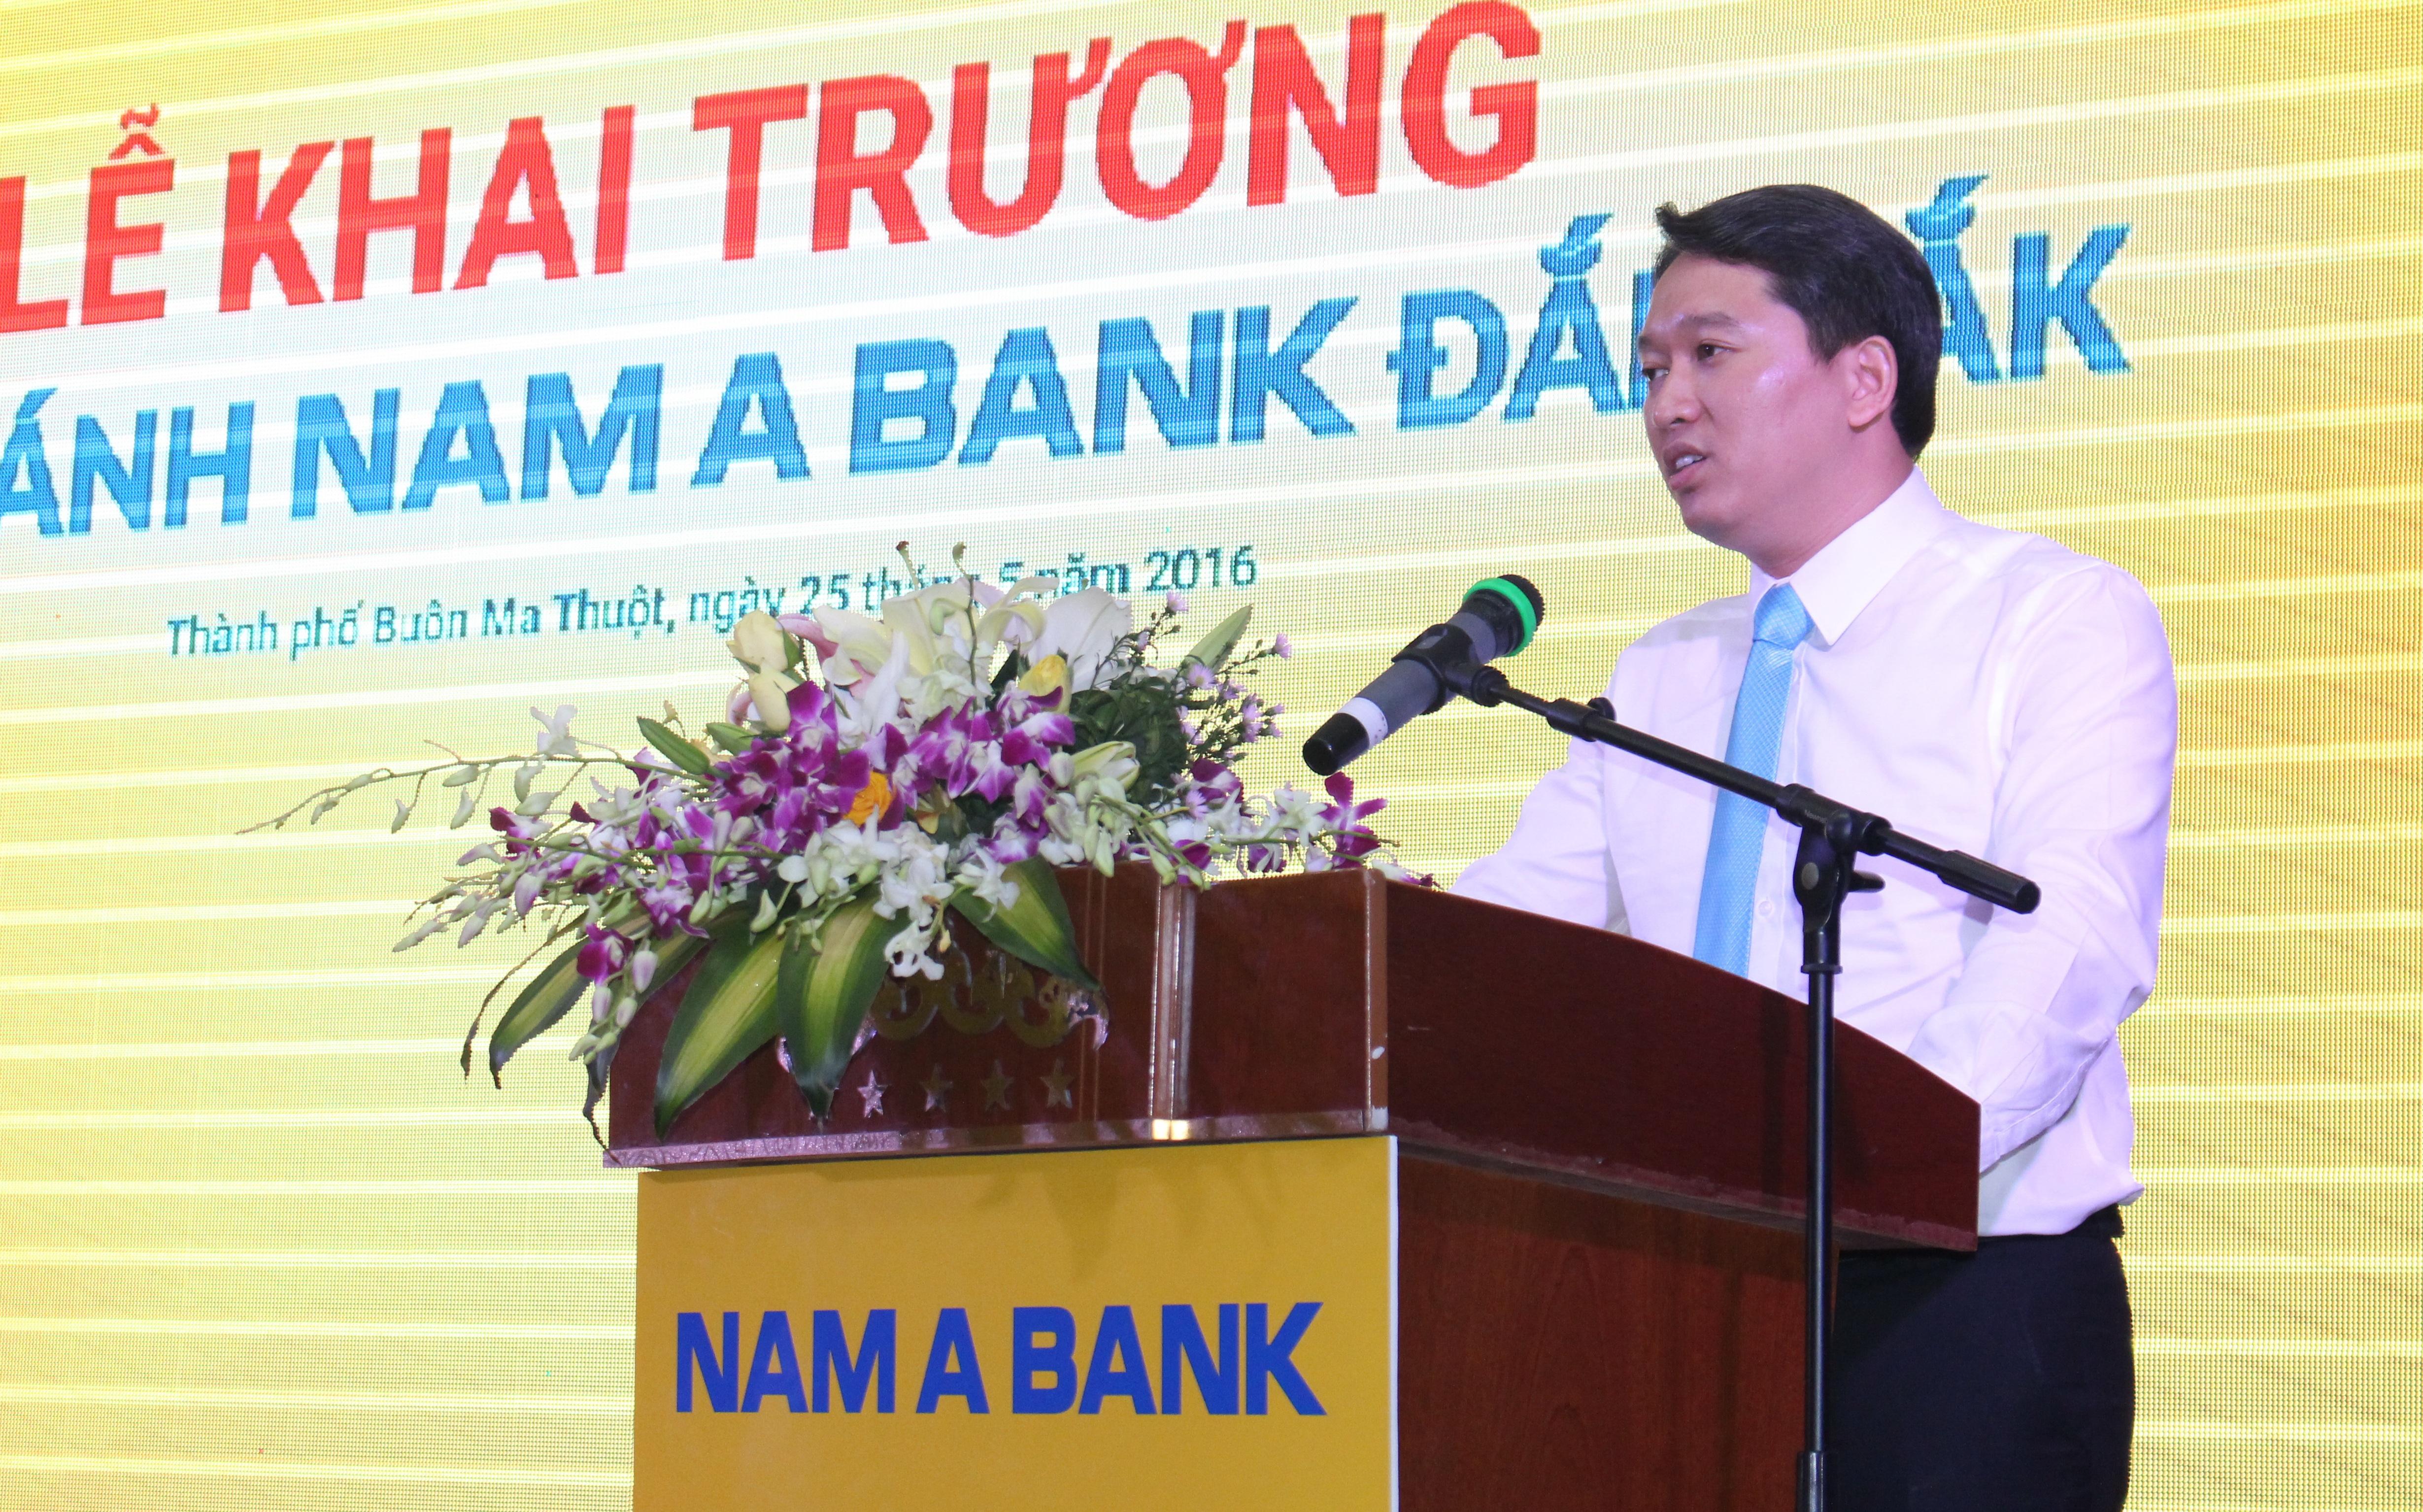 Lễ khai trương chi nhánh Ngân hàng Thương mại cổ phần Nam Á Đắk Lắk